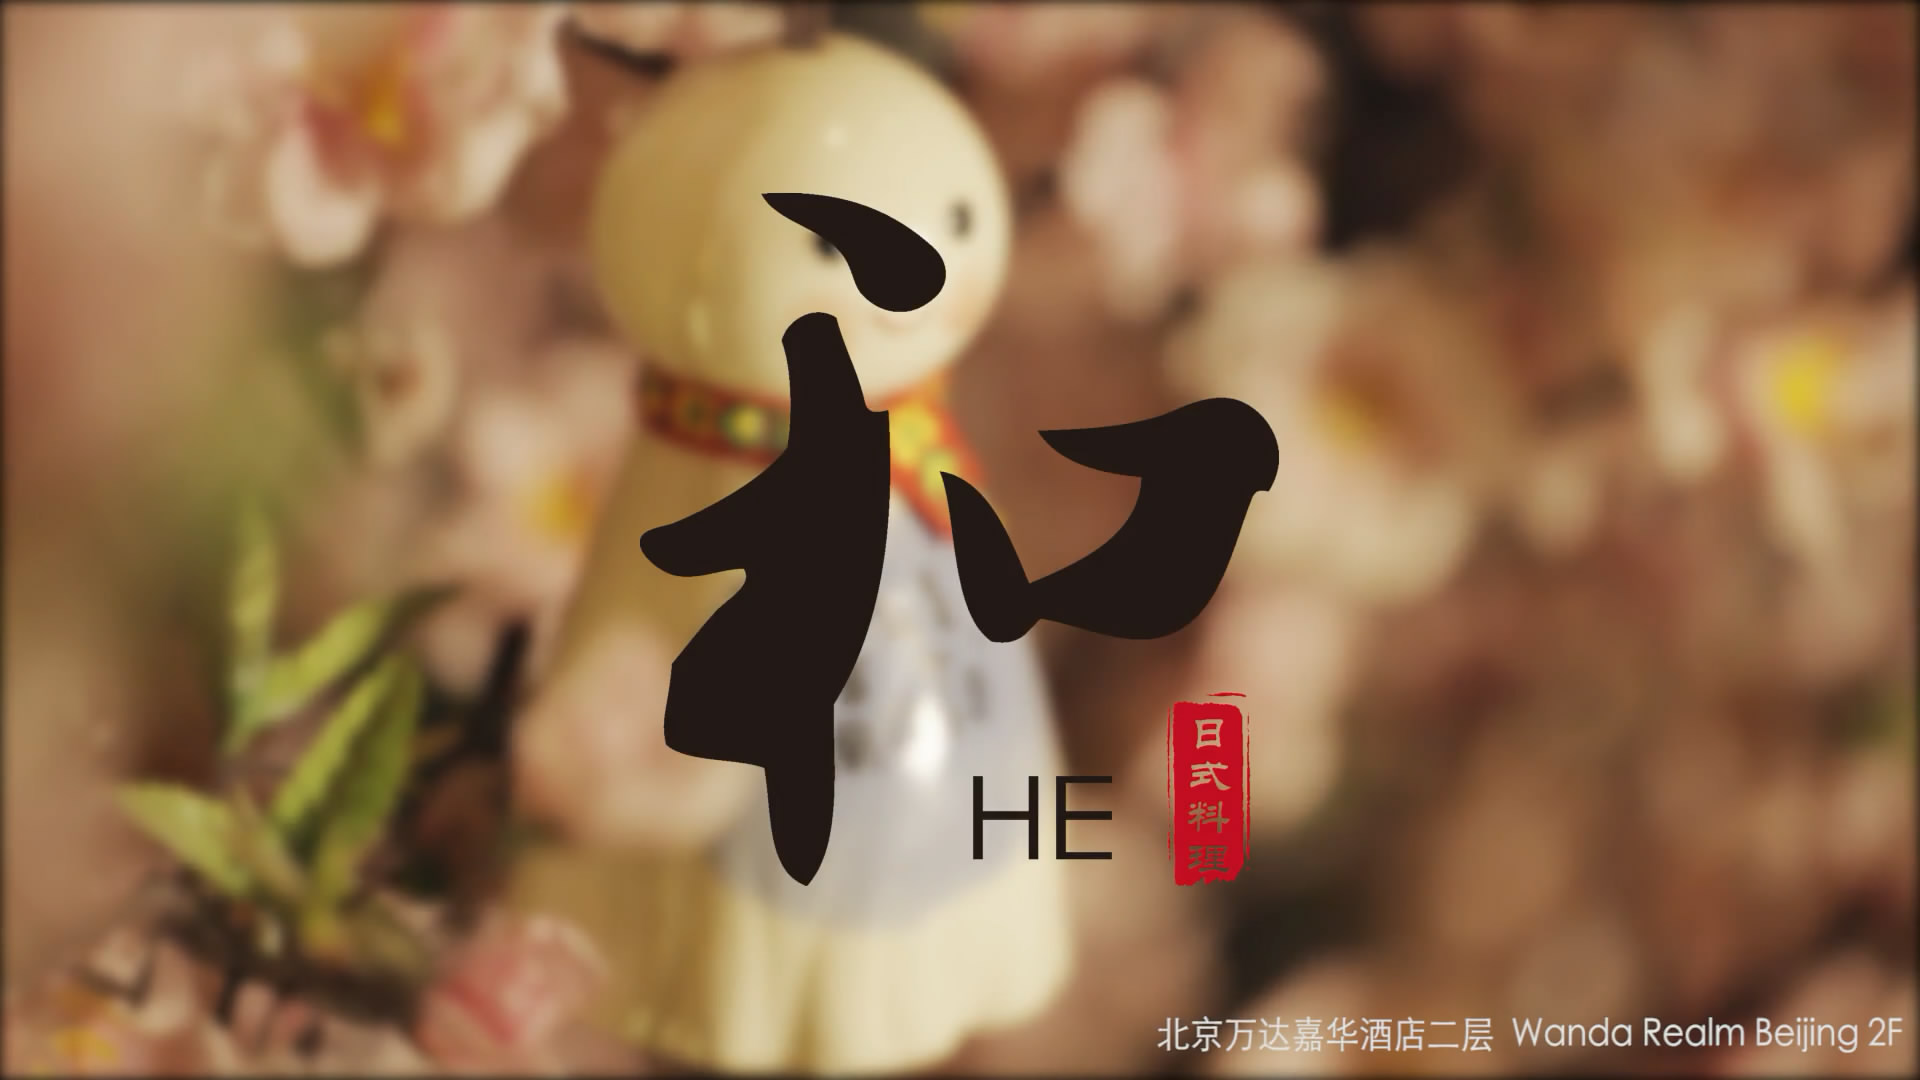 万达嘉华酒店日式料理宣传片,在料理师用心细致的烹调下,让客人尝到最地道的天然美味